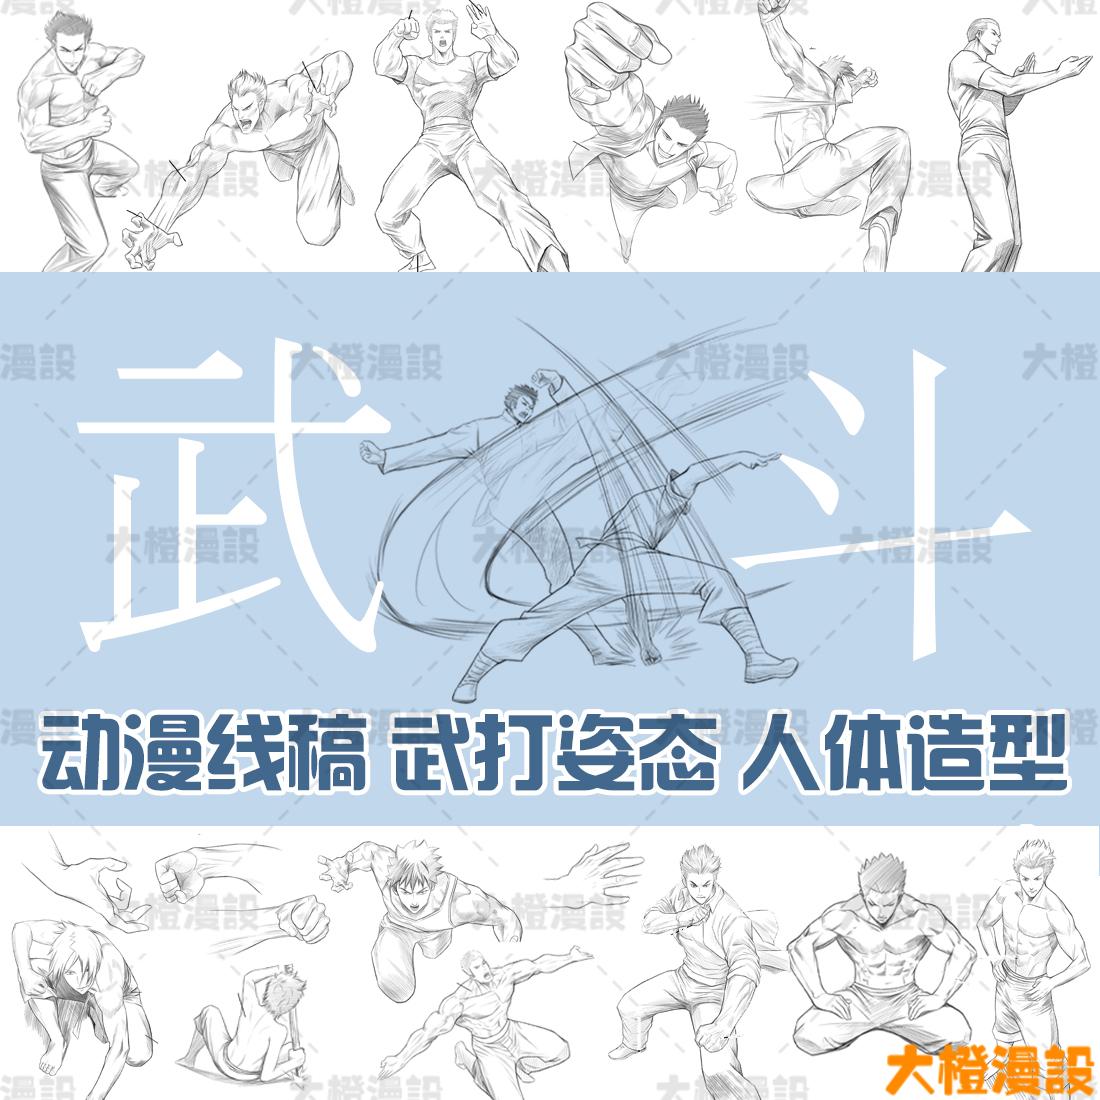 动漫线稿 人体动作 战斗 格斗 绘画姿态参考素材 CG速写临摹素材